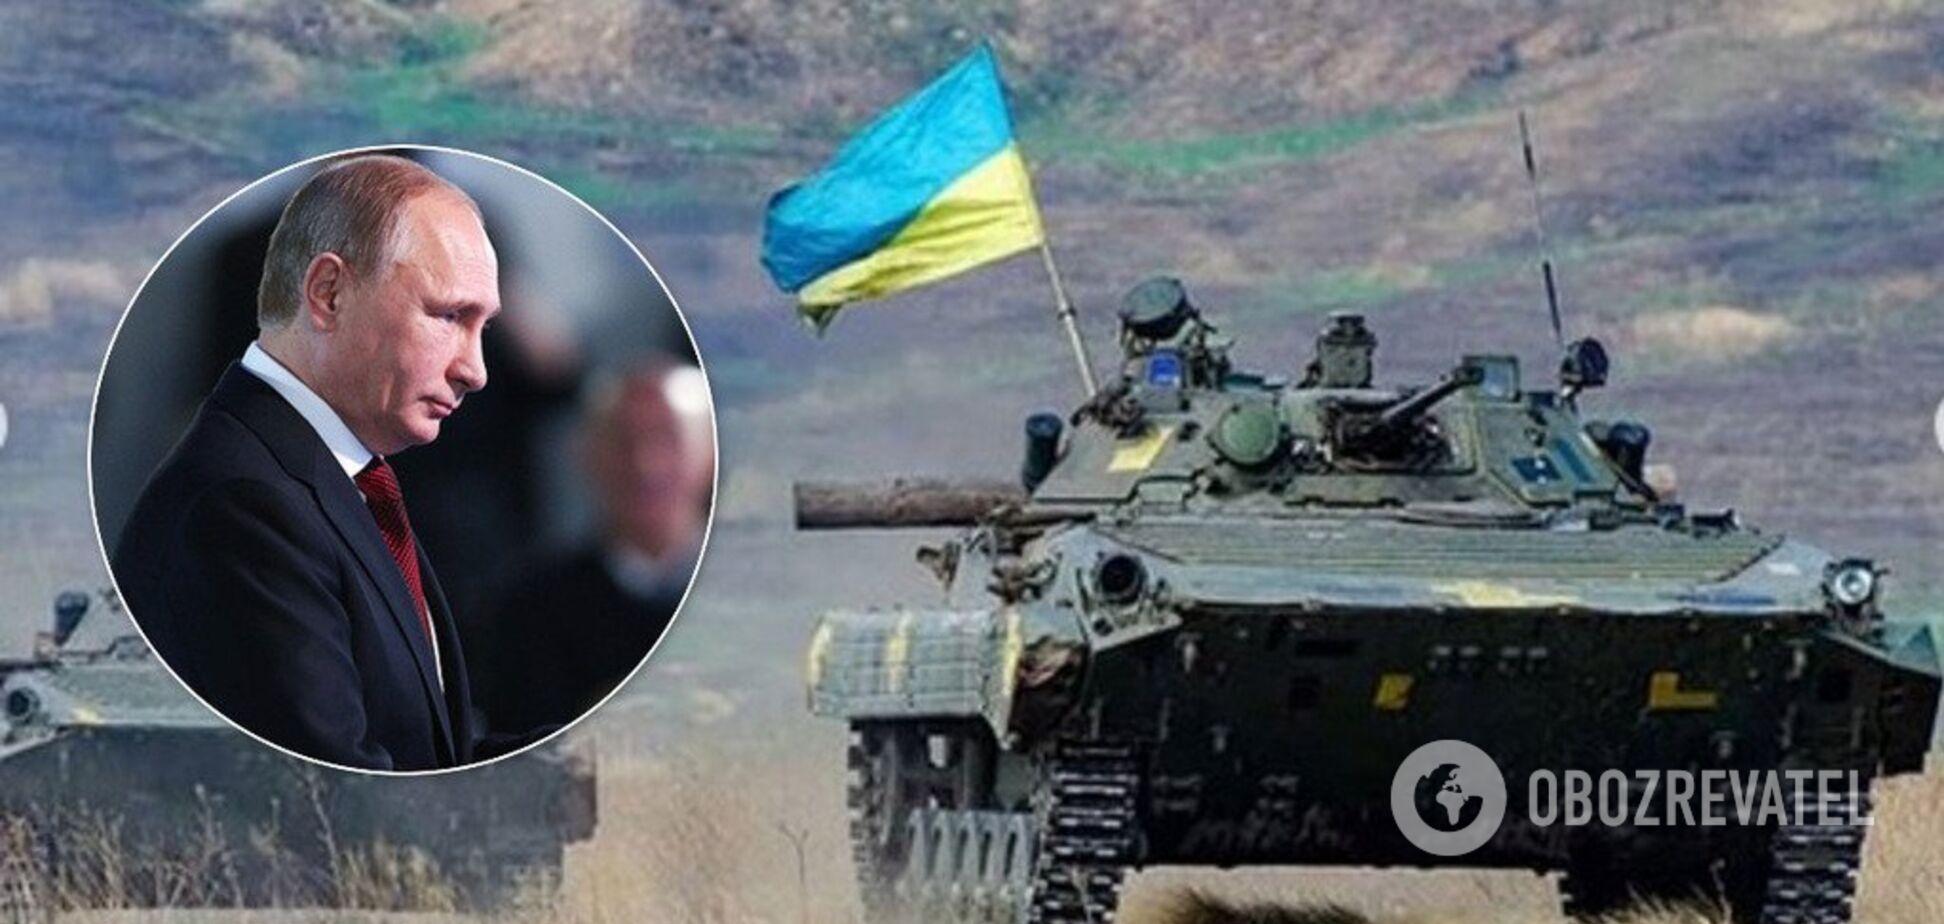 'До Києва всього 100 кілометрів': генерал назвав небезпечний напрямок вторгнення РФ